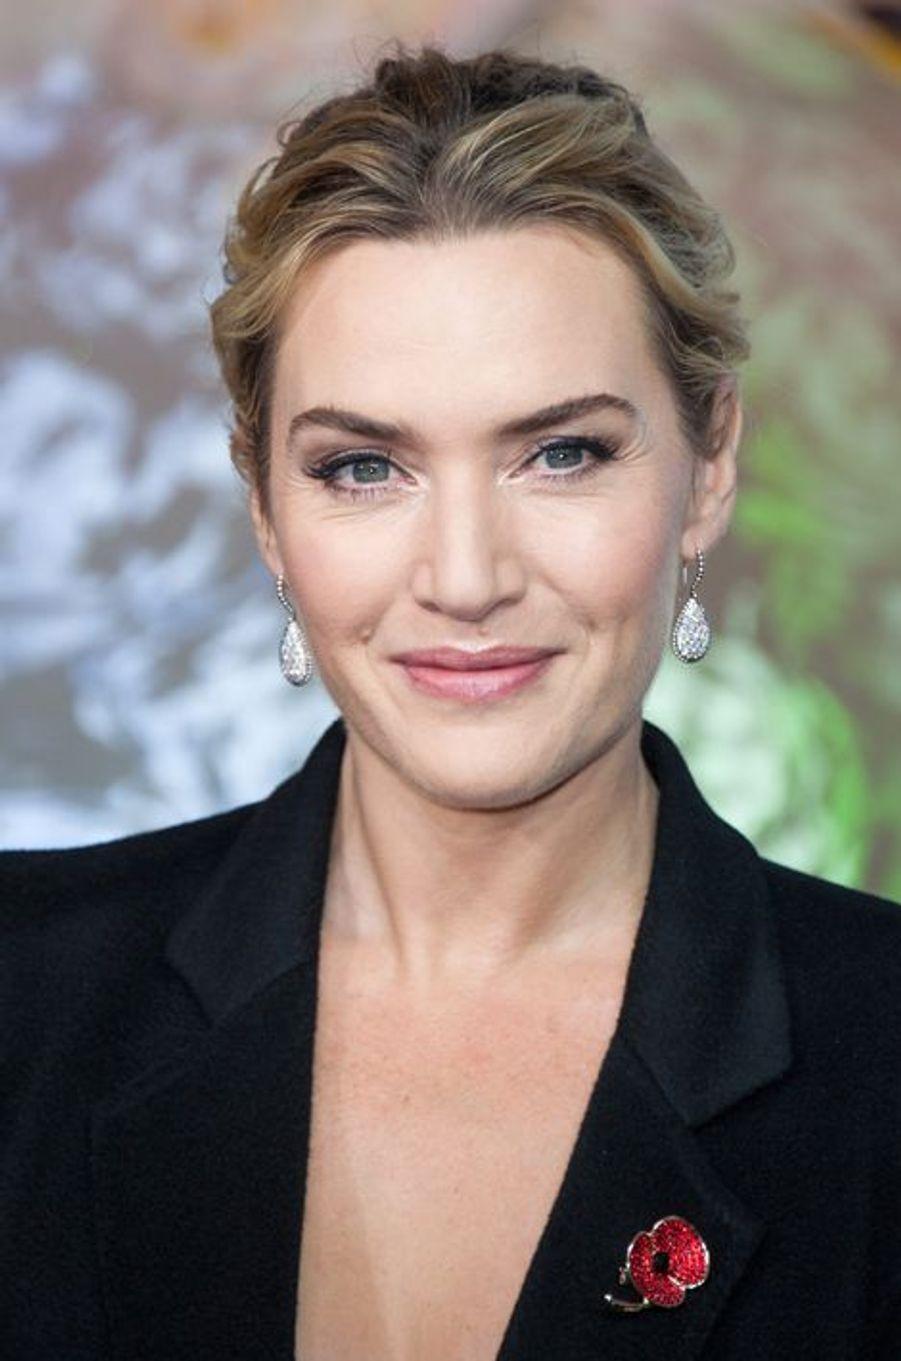 Le vendredi 6 novembre, Kate Winslet a inauguré les célèbres décorations de Noël du Printemps Haussmann.